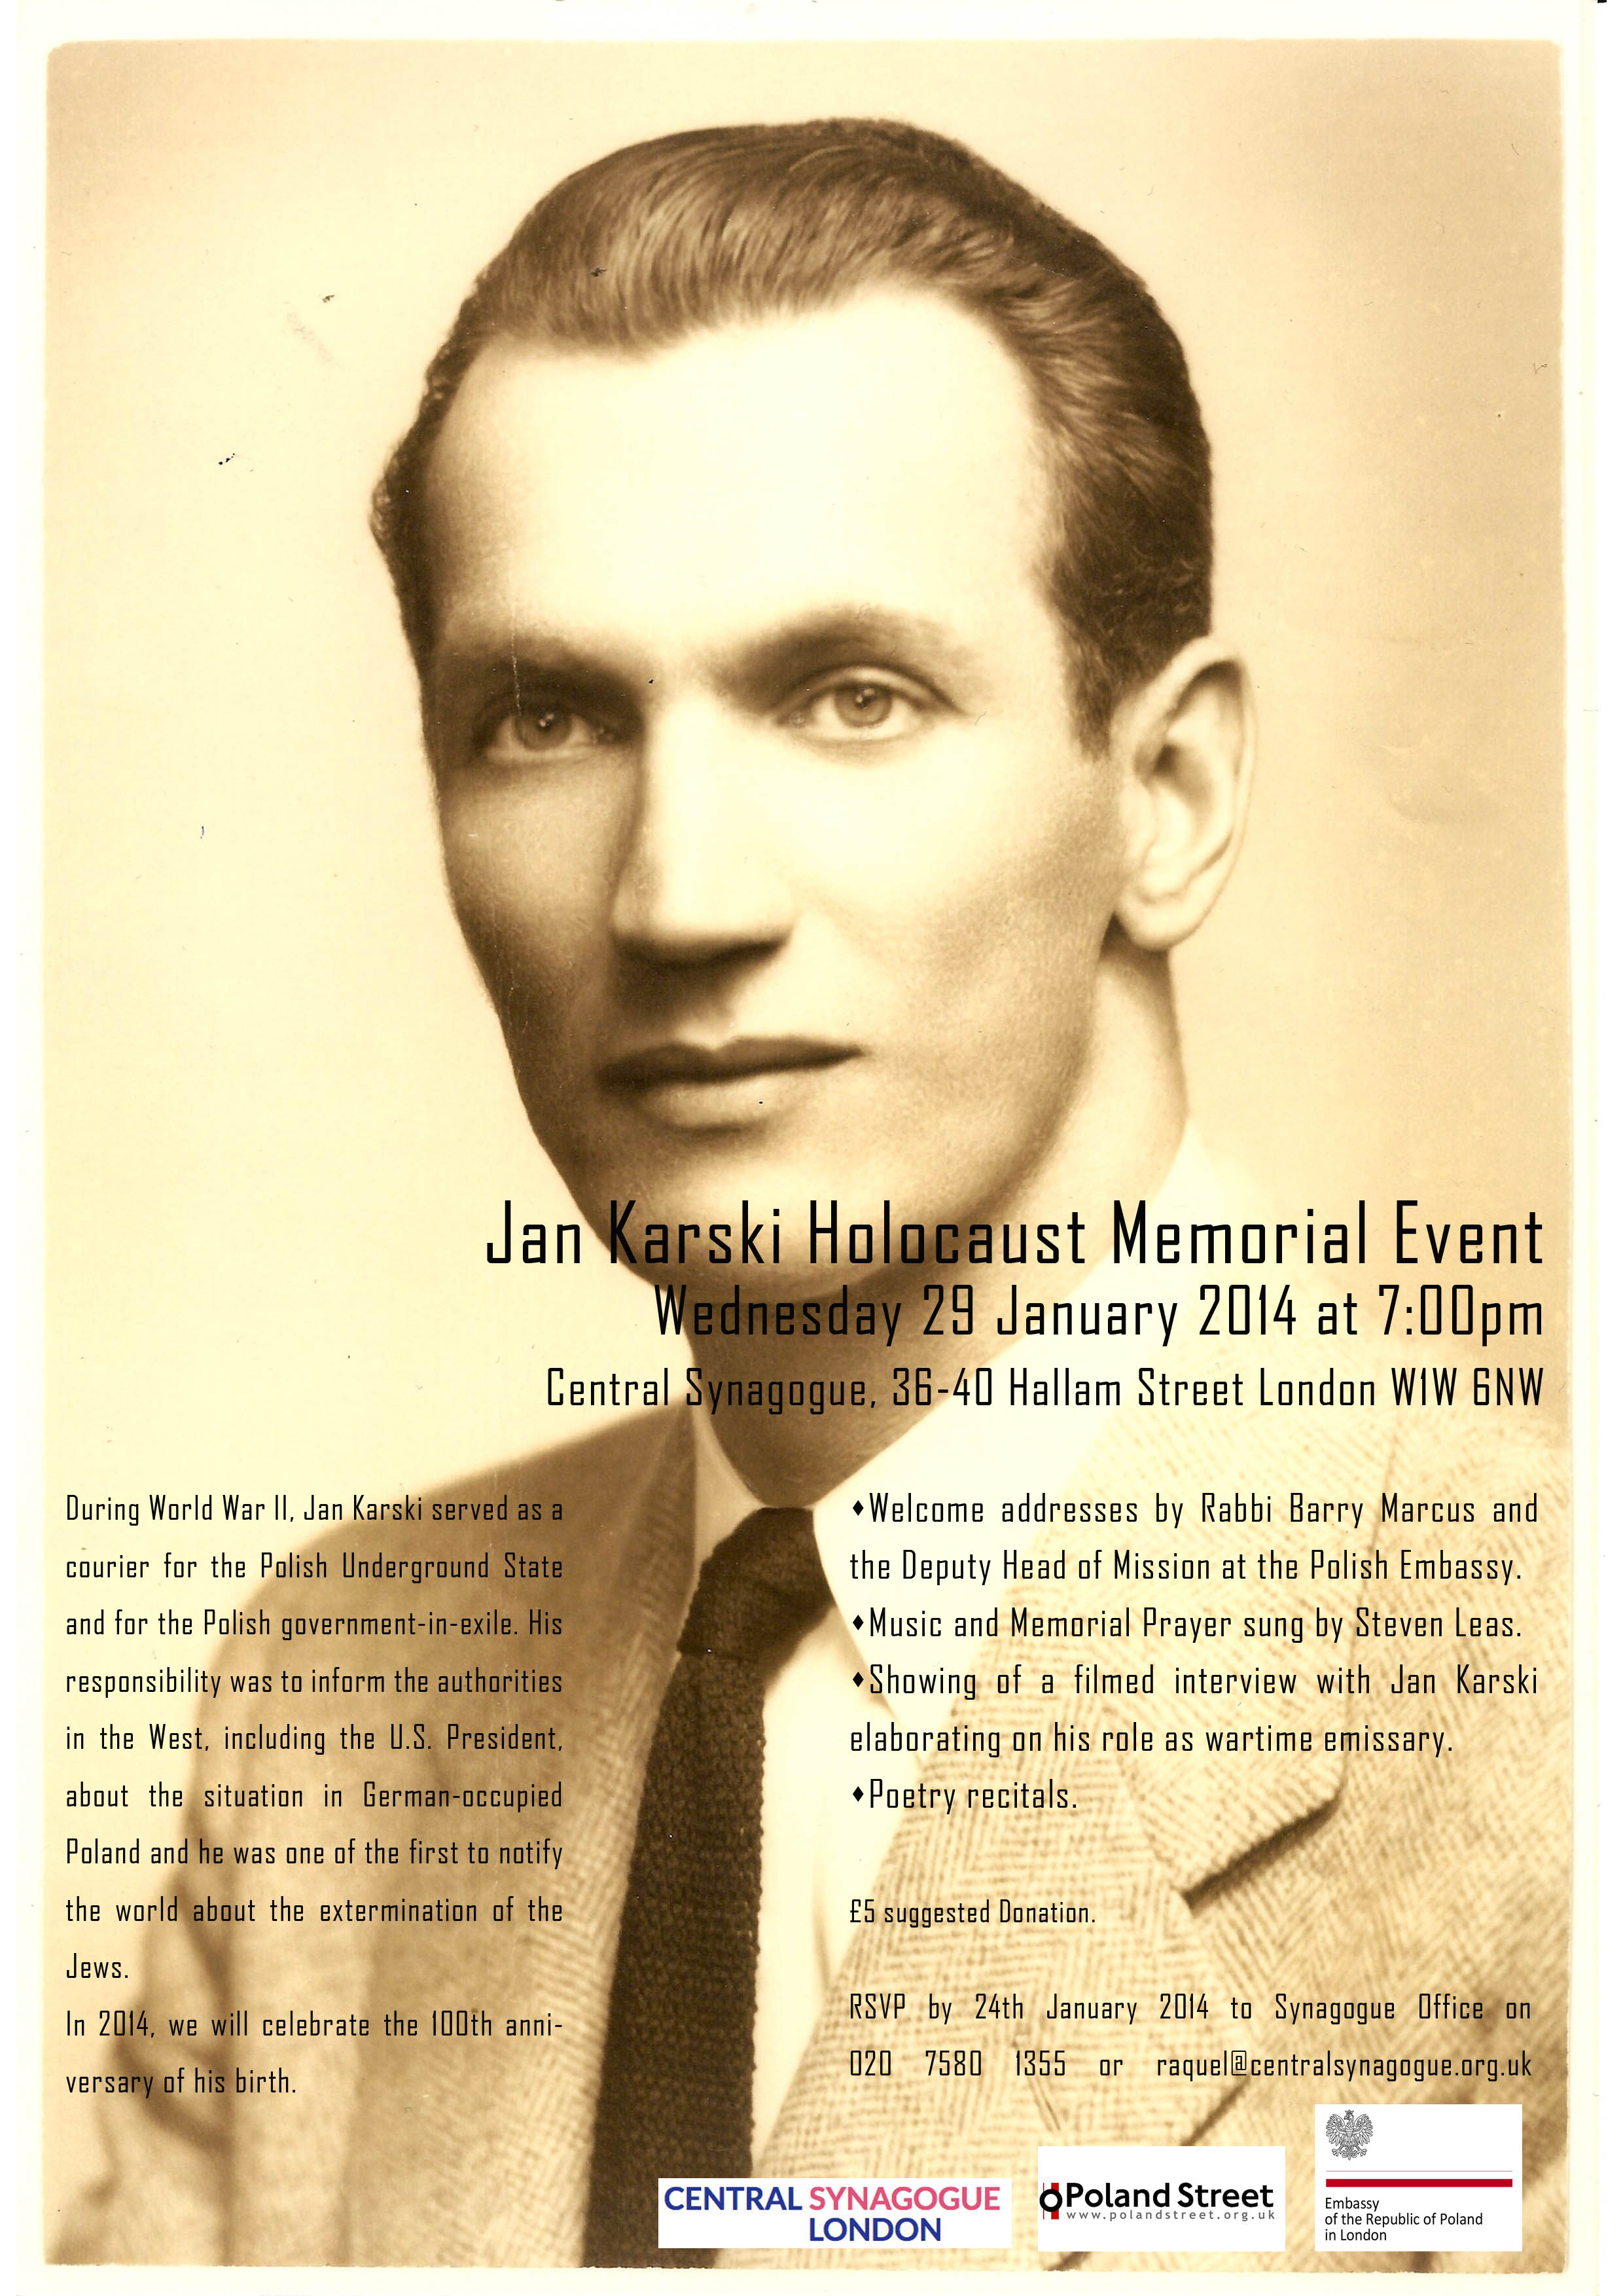 Jan Karski Memorial Event copy2